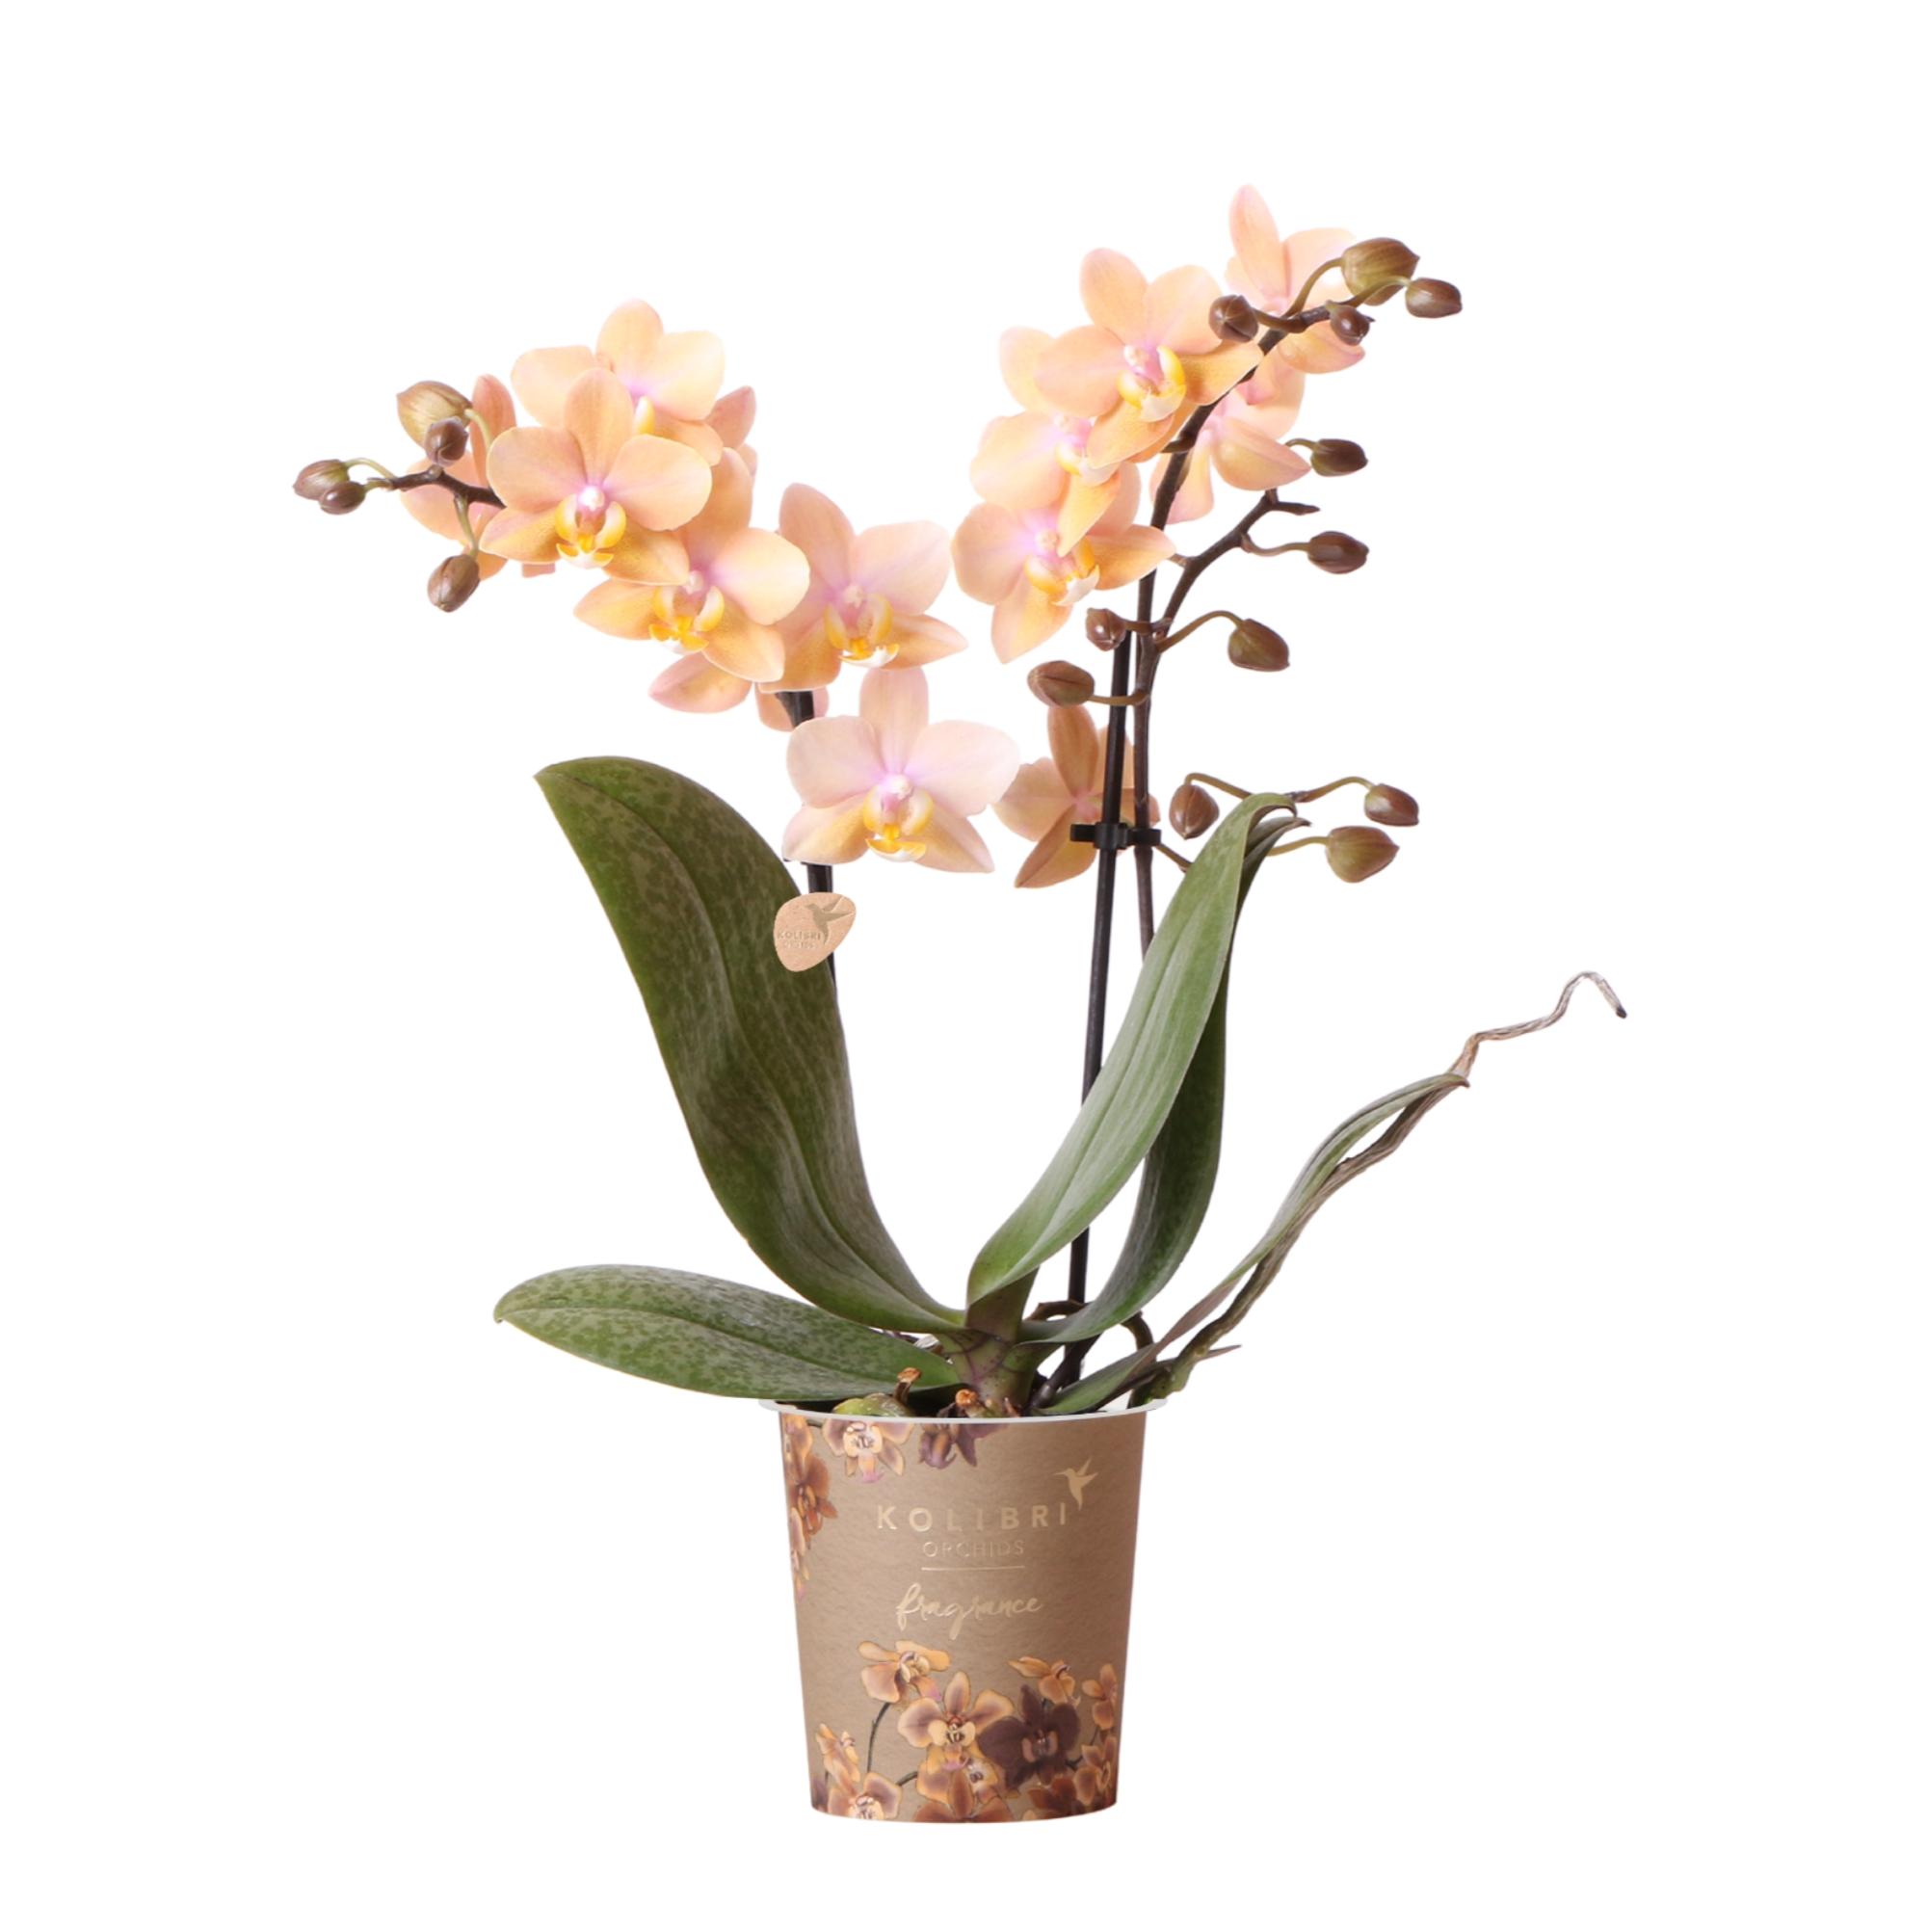 Kolibri Orchids Fragrance 9cm 2 spike